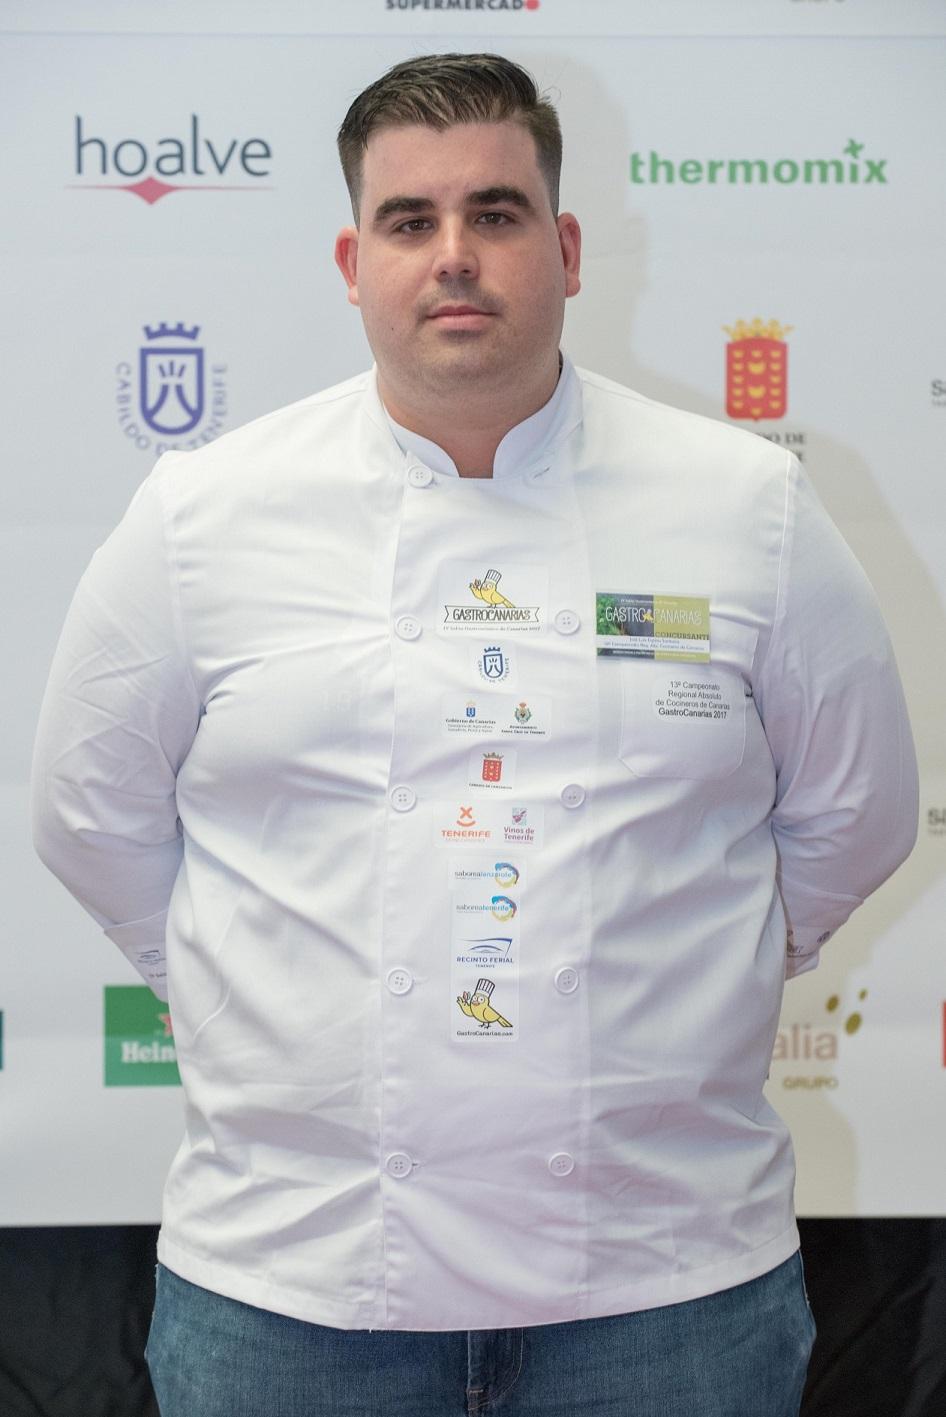 FOTO 5.- JOSÉ LUIS ESPINO